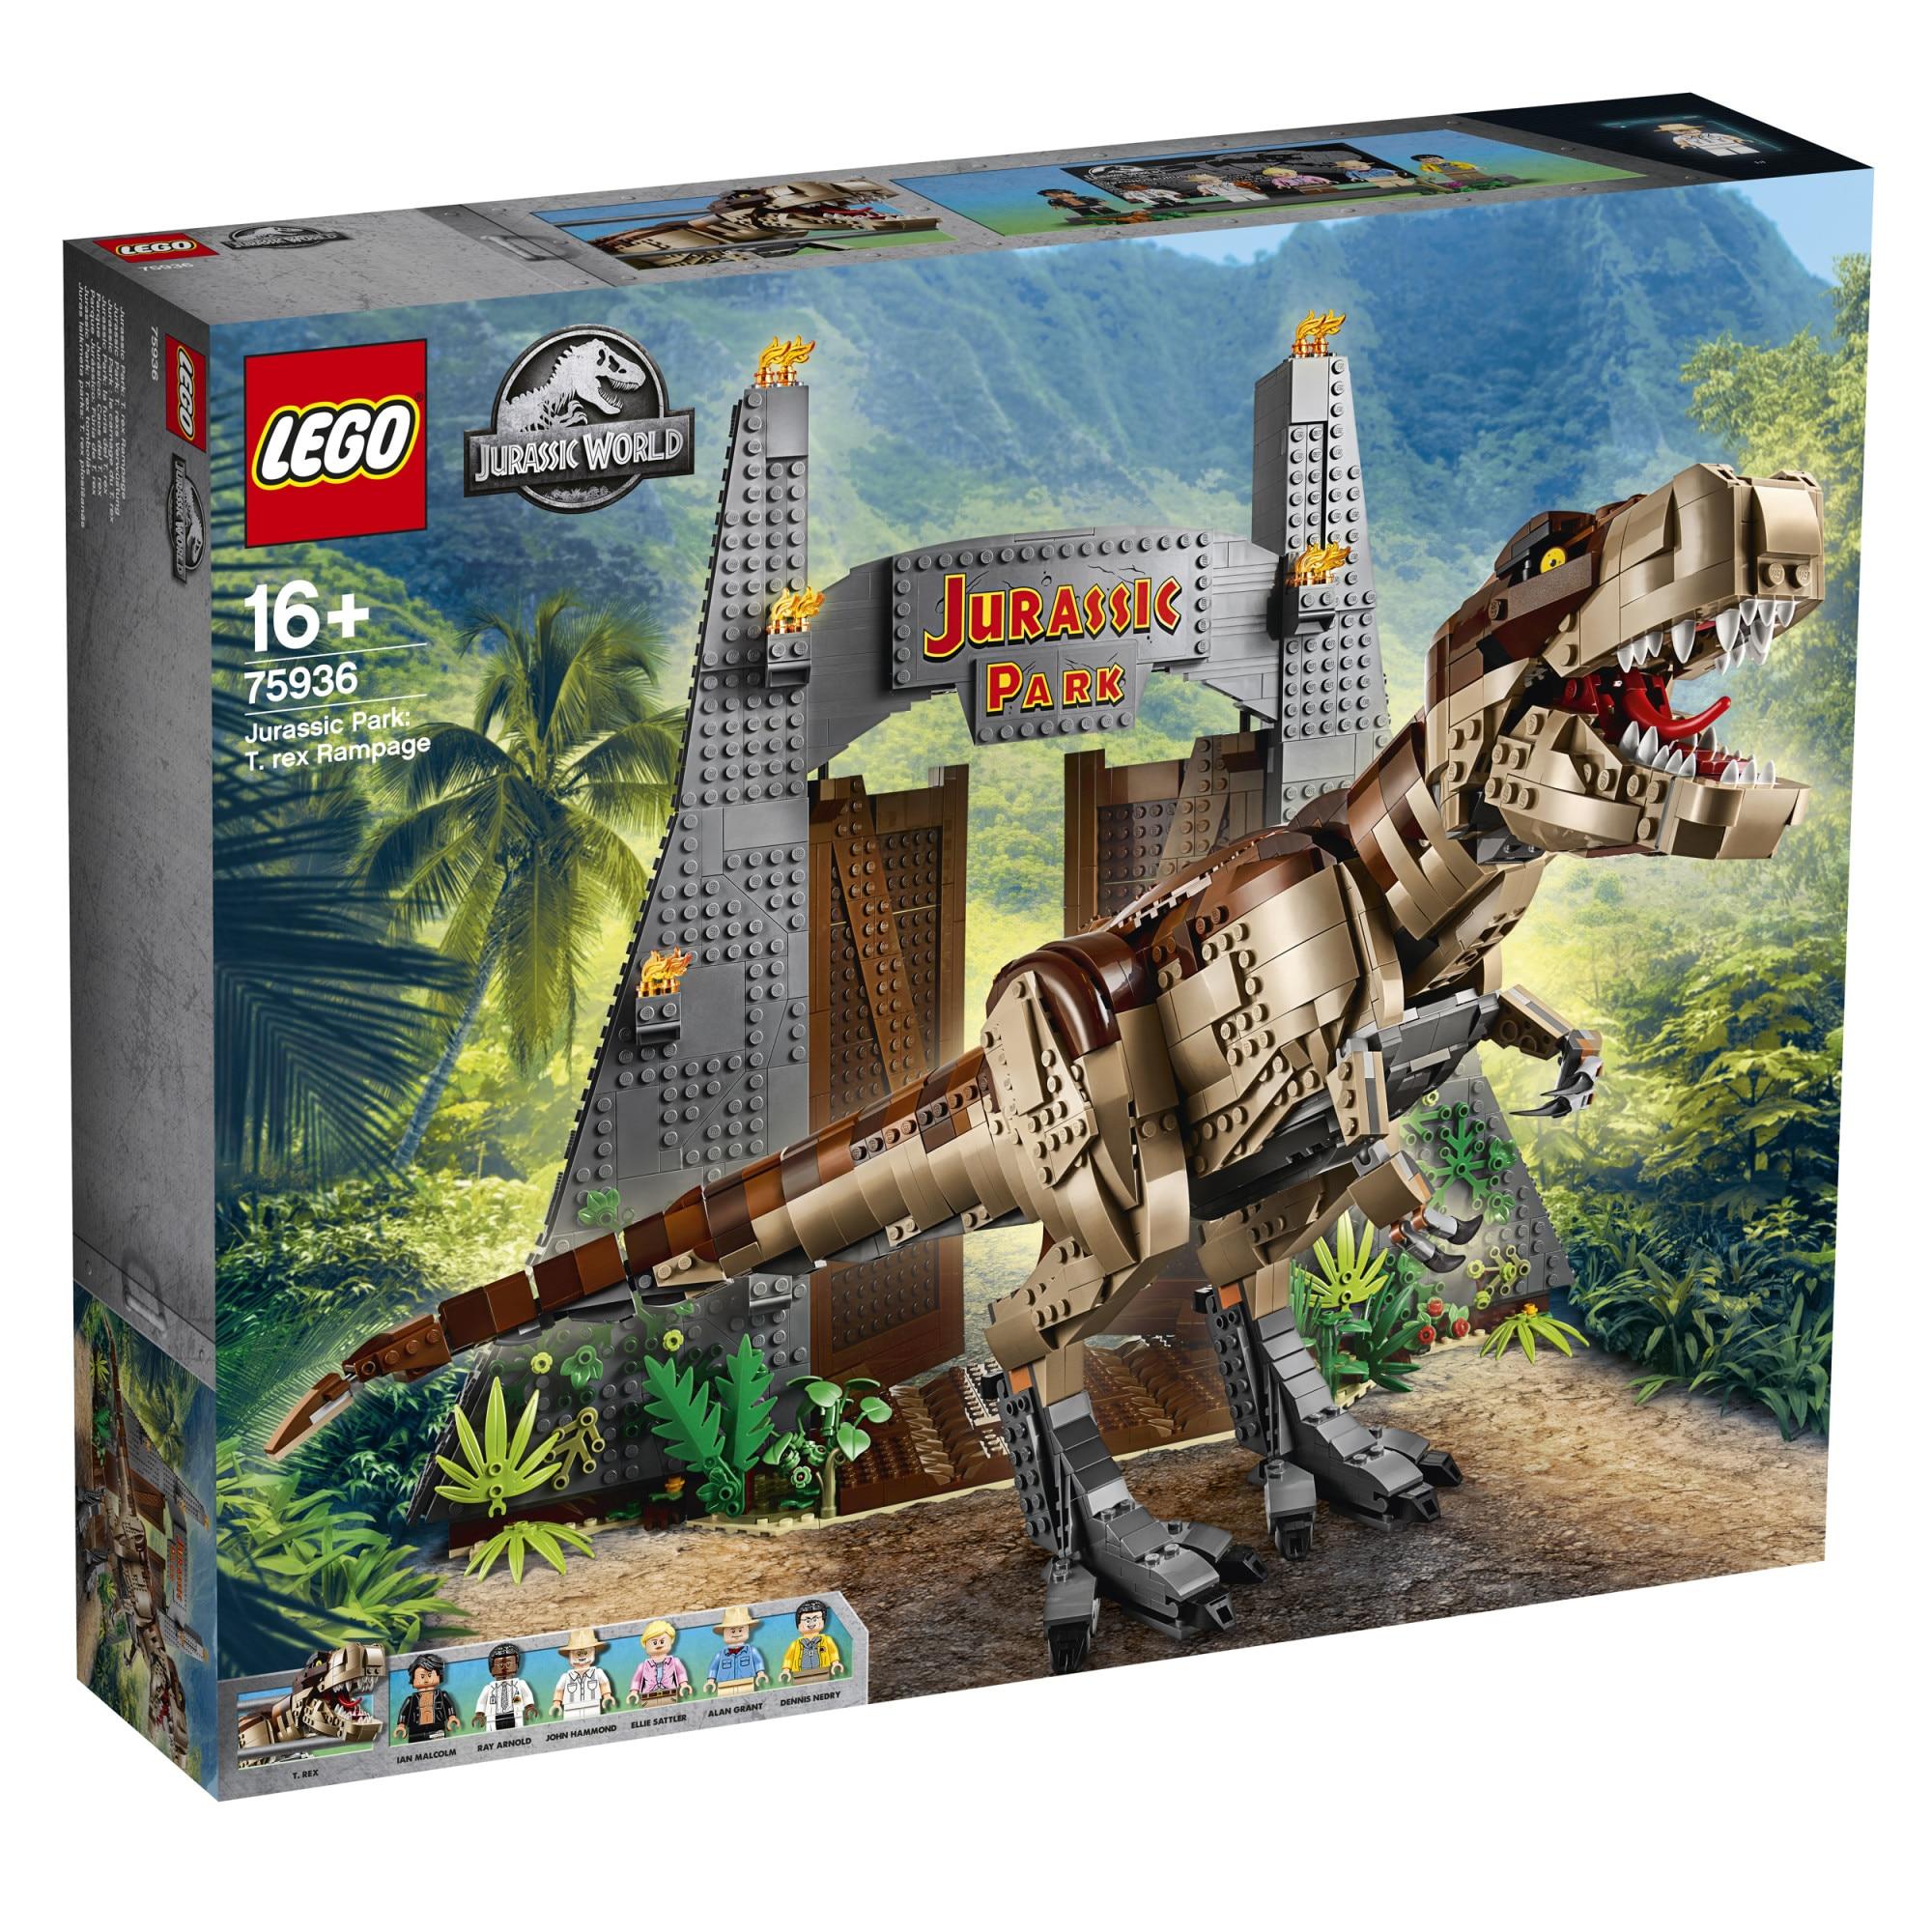 Fotografie LEGO Jurassic World - Jurassic Park: T. rex Rampage 75936, 3120 piese